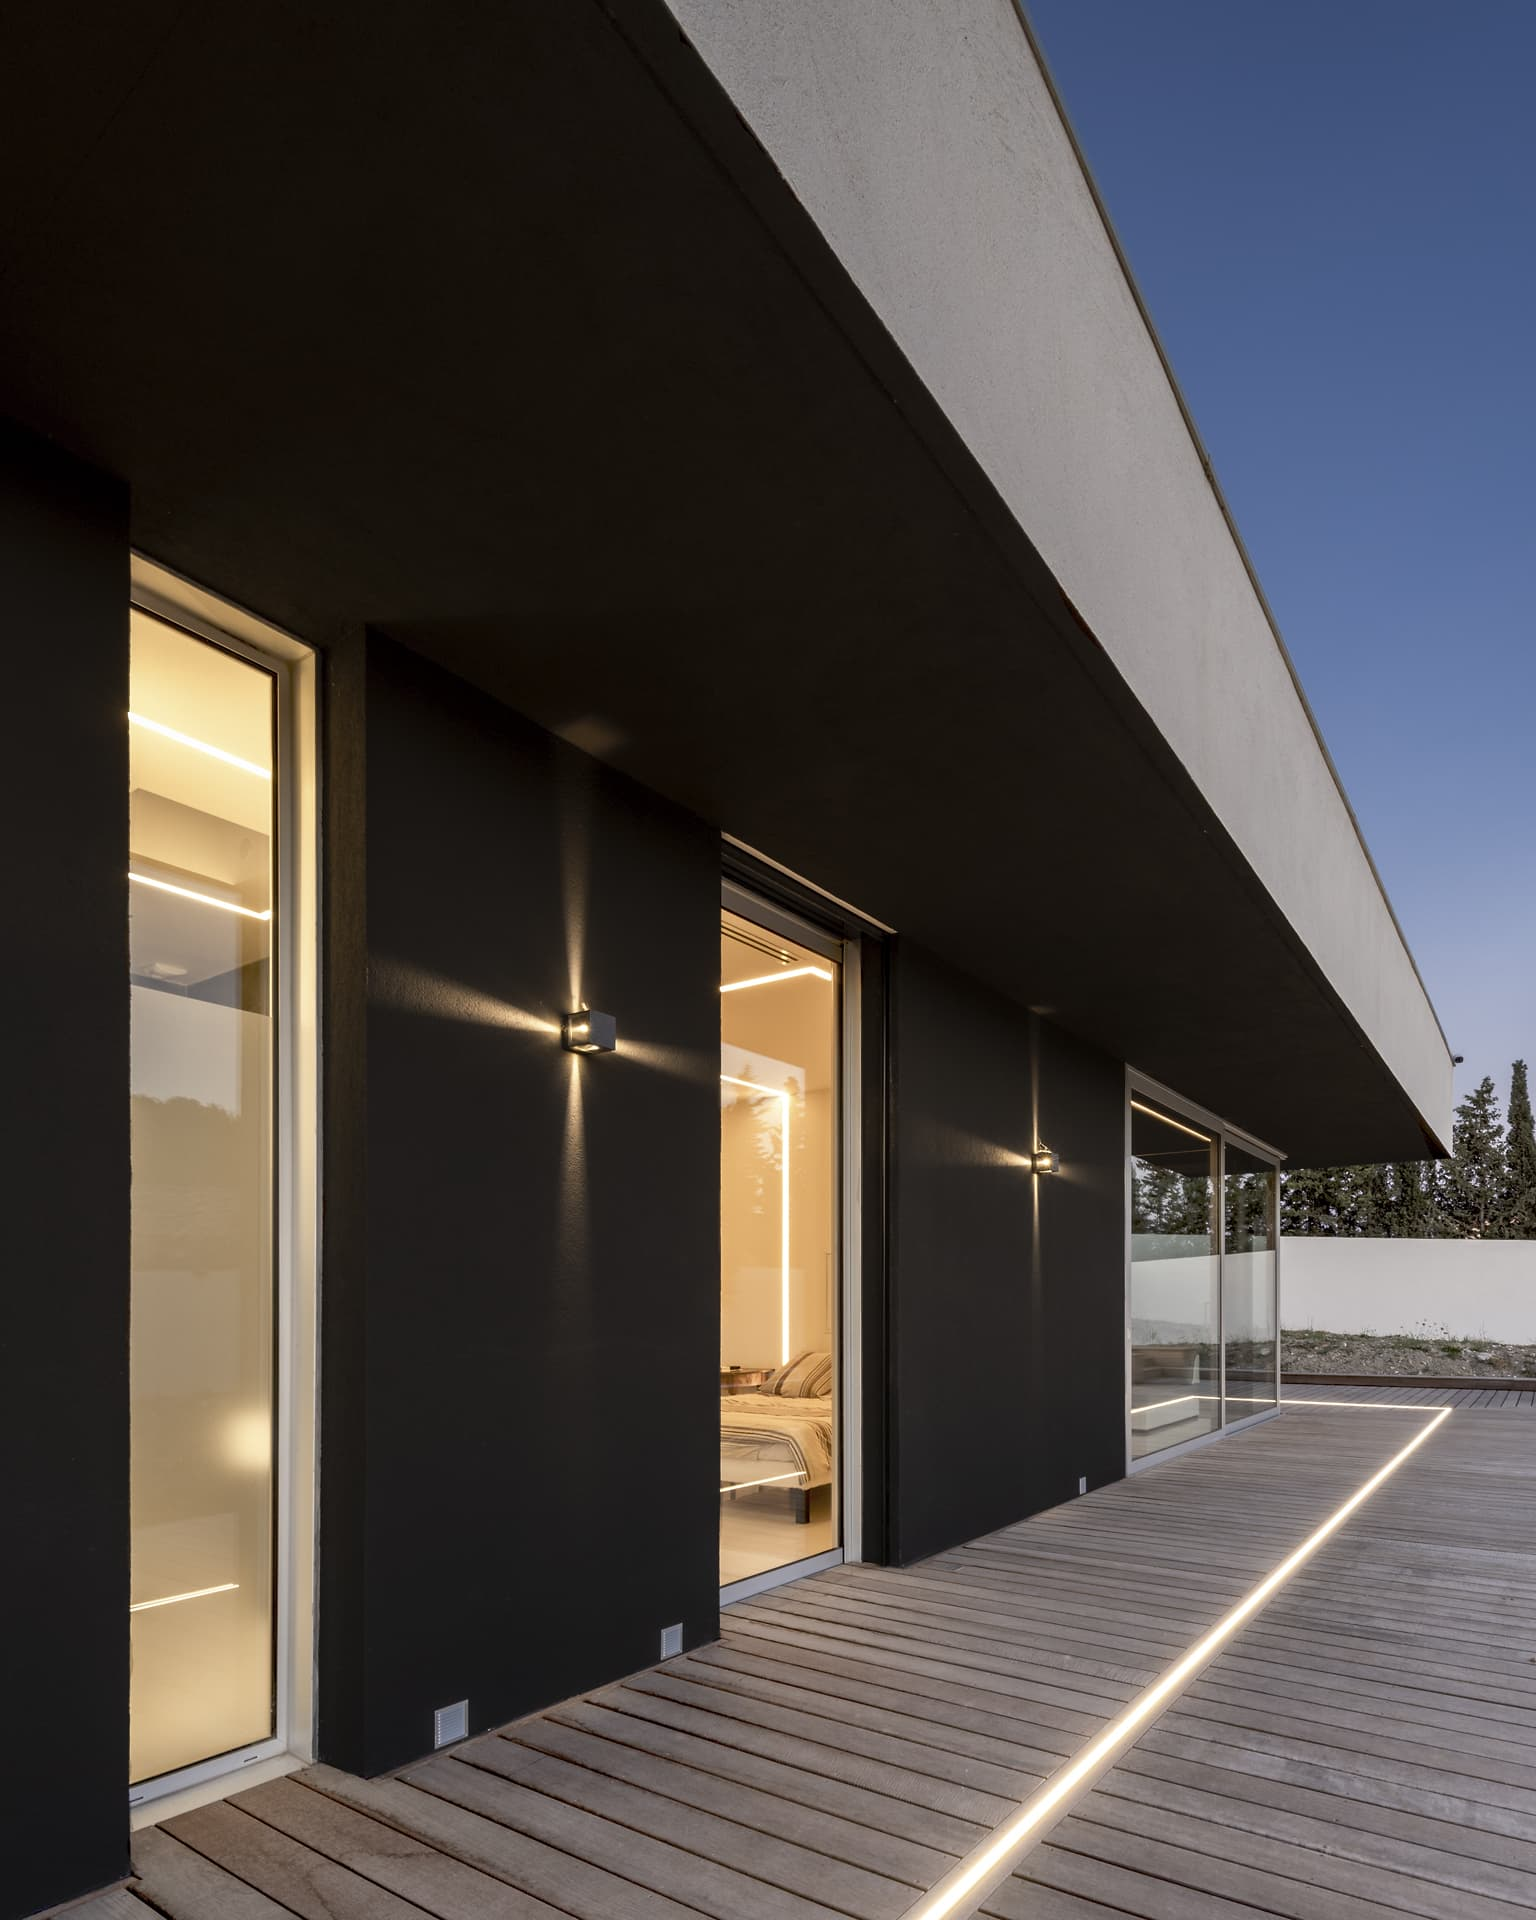 Eclairage graphique et ligne lumineuse encastrée dans la terrasse du salon